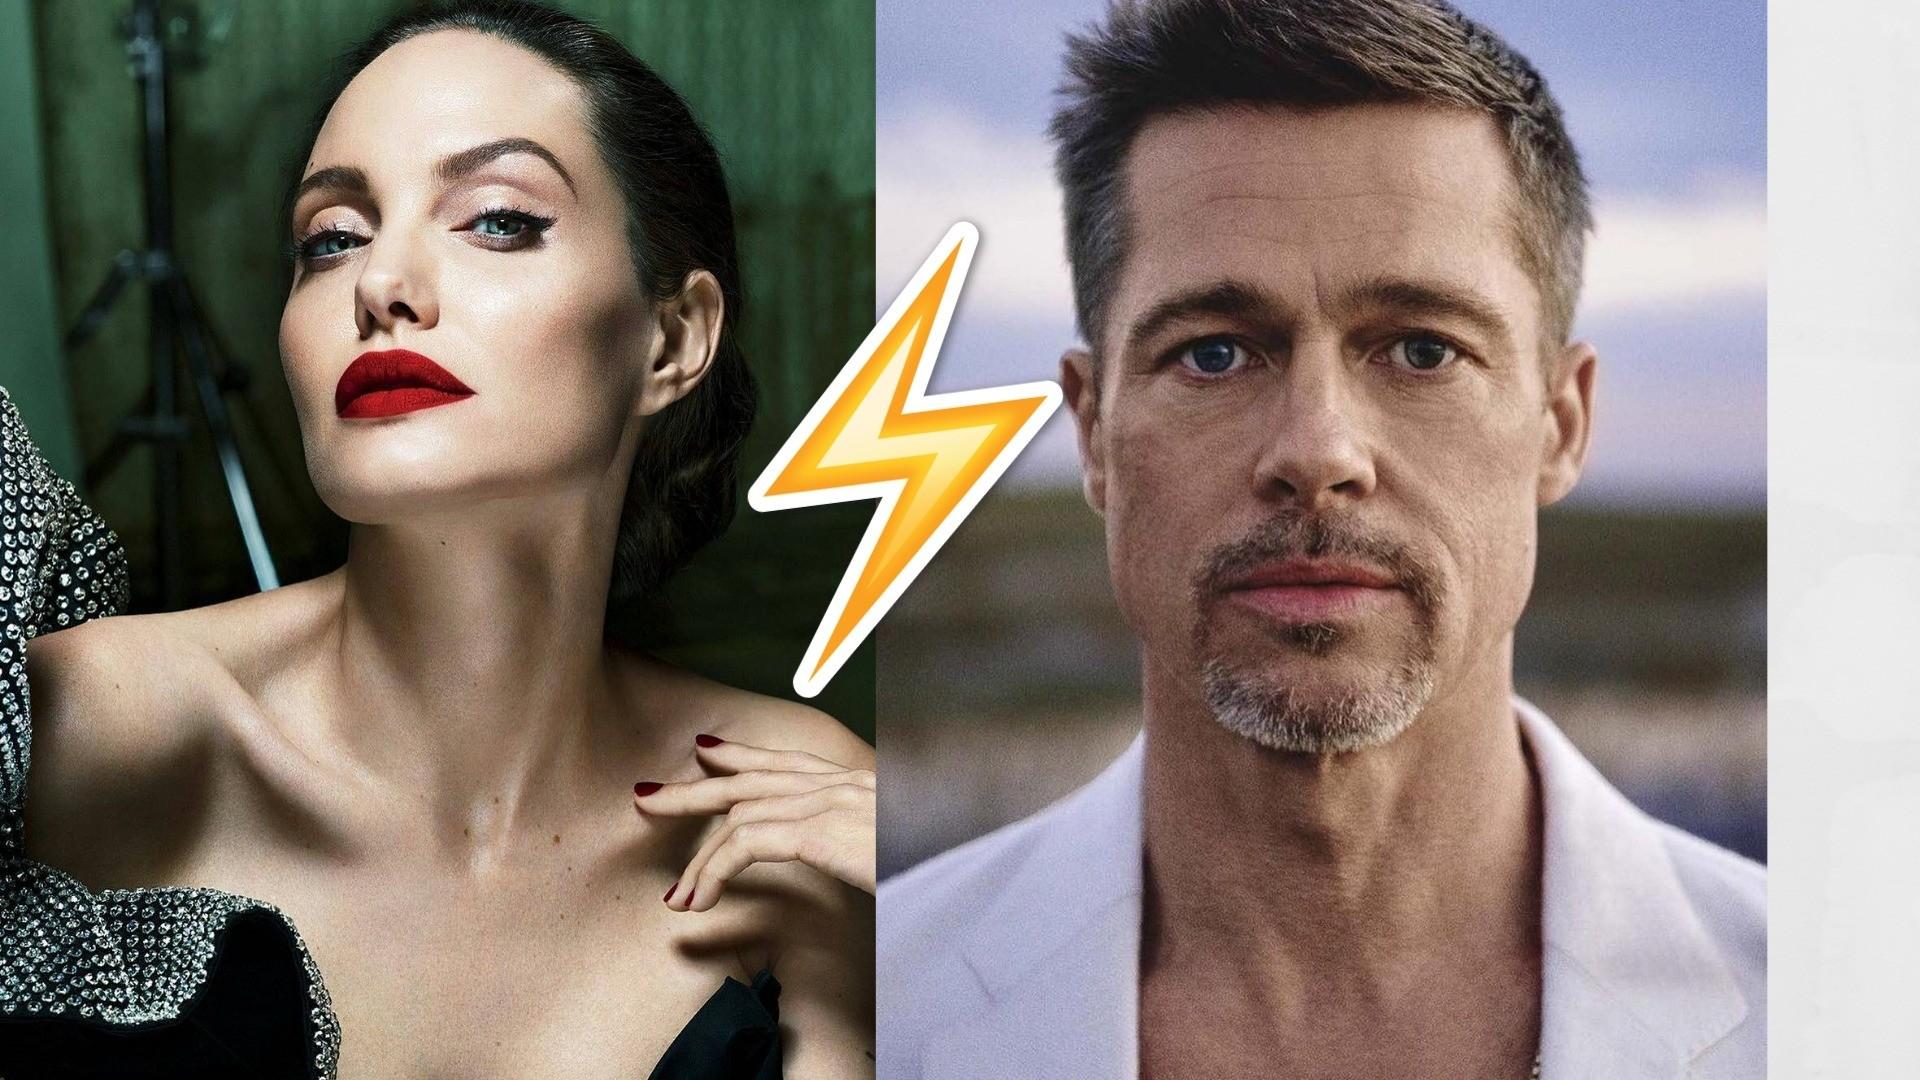 Джоли и Питт воссоединятся из-за проблем с дочерью: предсказание ясновидящей